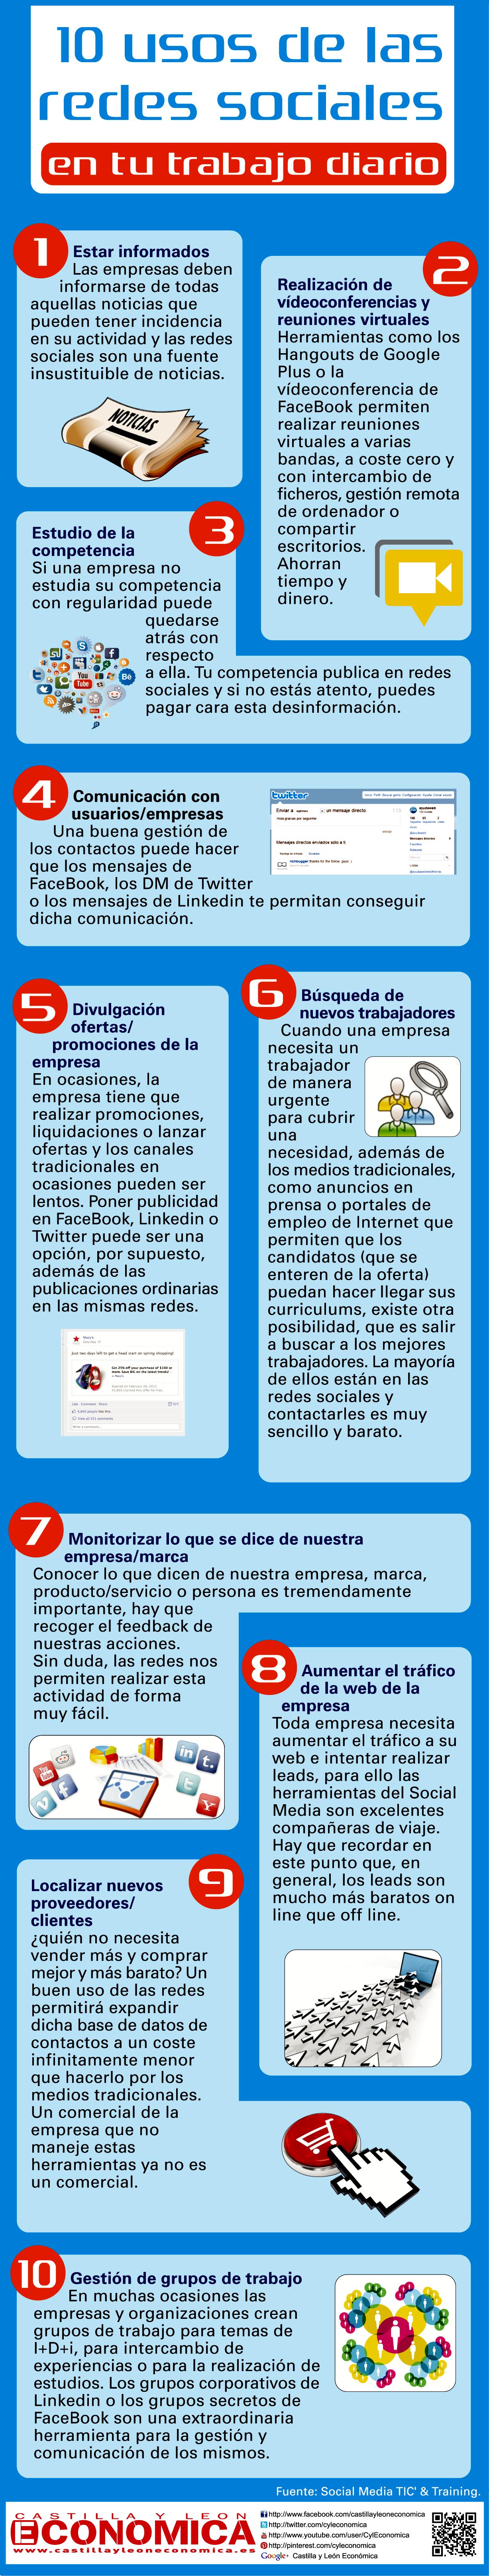 Las redes sociales en tu trabajo diario #infografia  #socialmedia